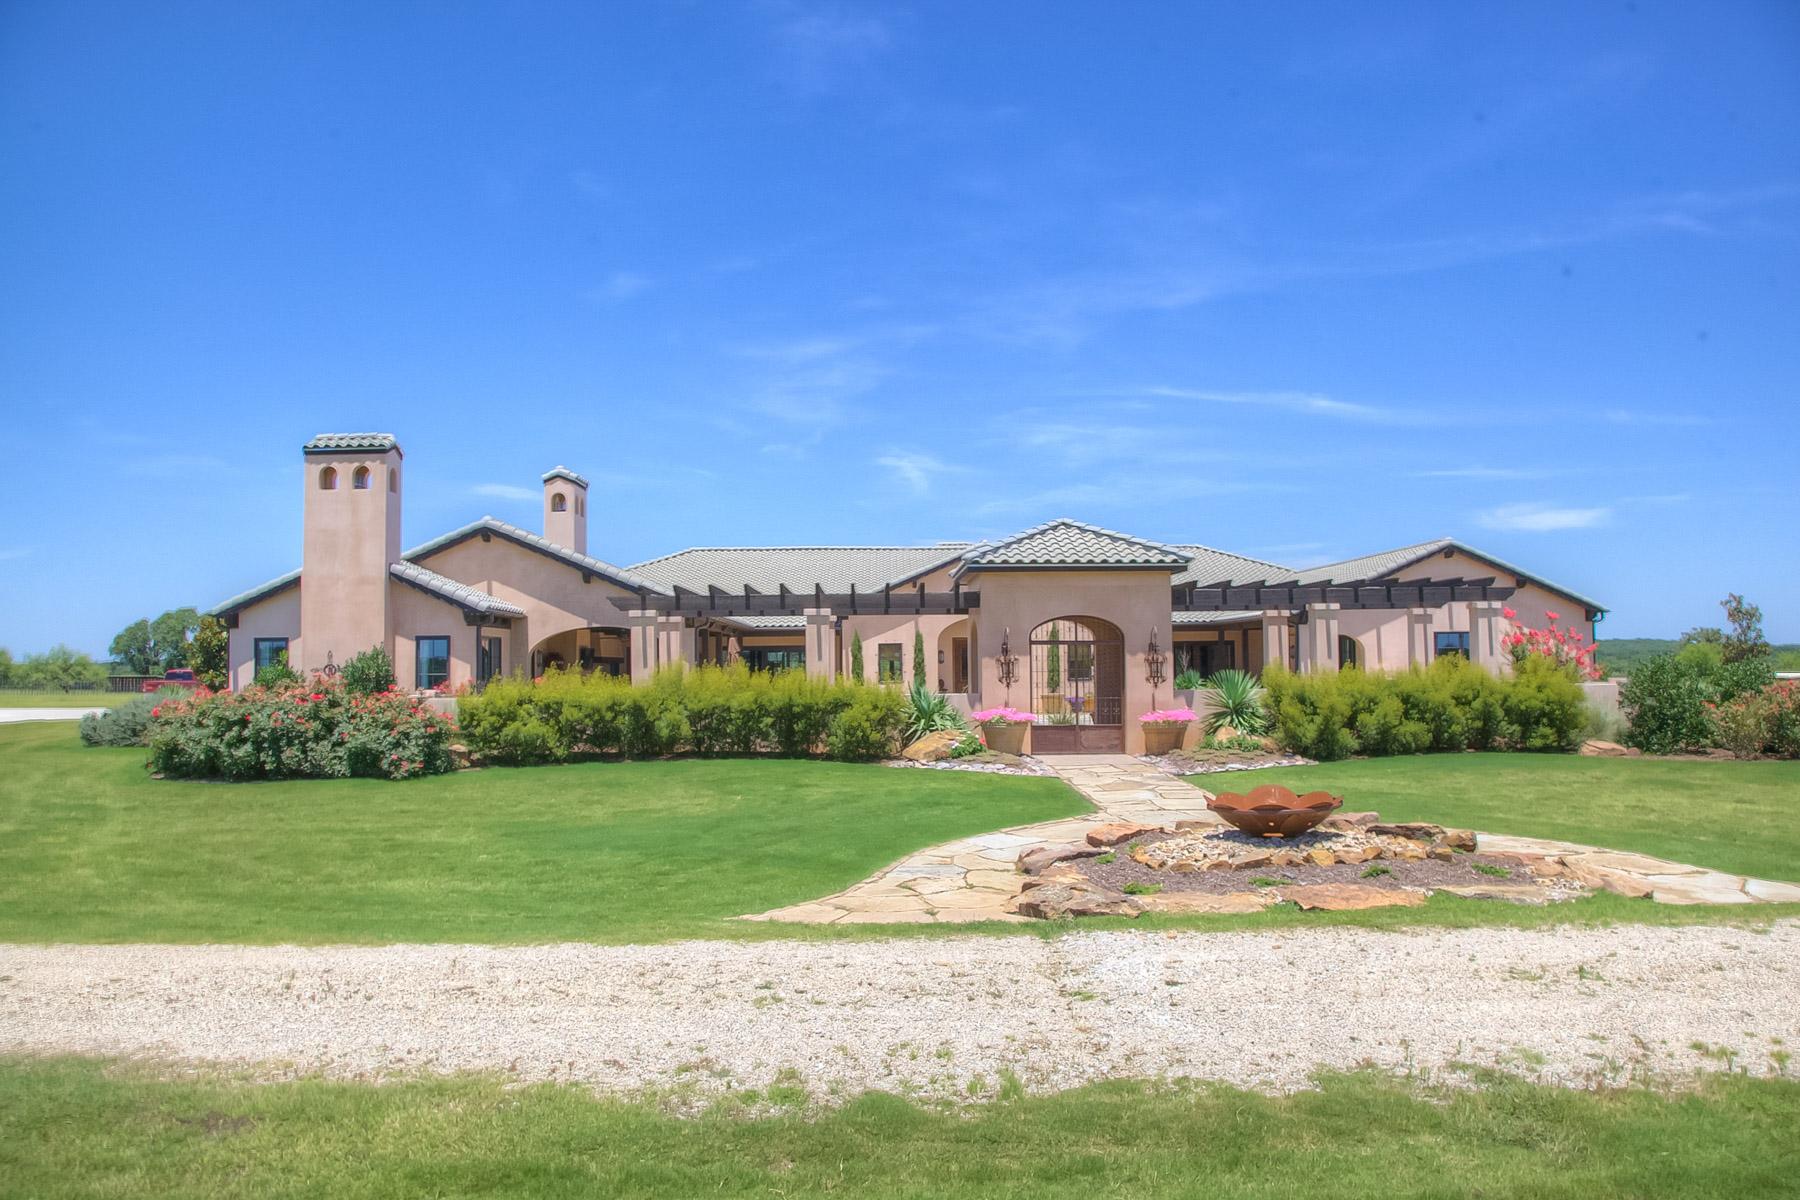 Fazenda / Rancho / Plantação para Venda às 3234 Harwell Lake Road Weatherford, Texas 76088 Estados Unidos